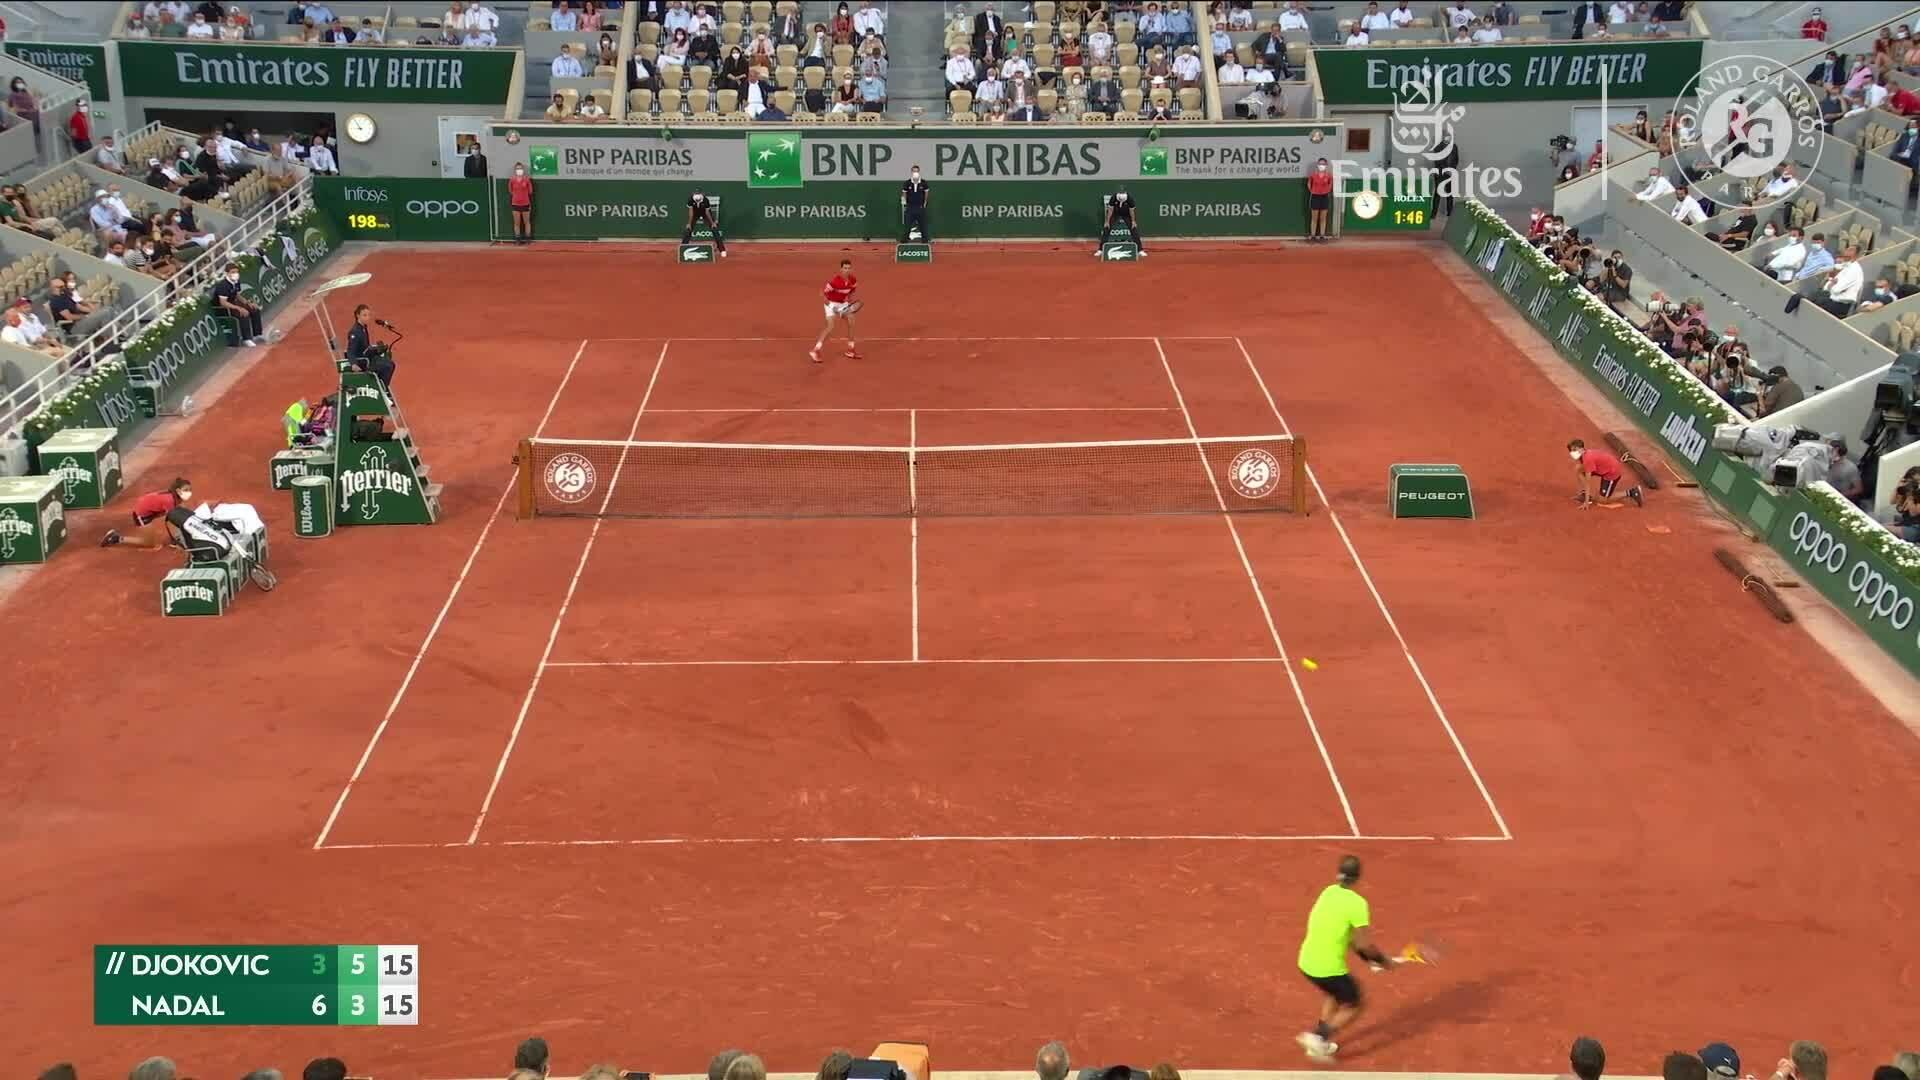 Nadal 1-3 Djokovic